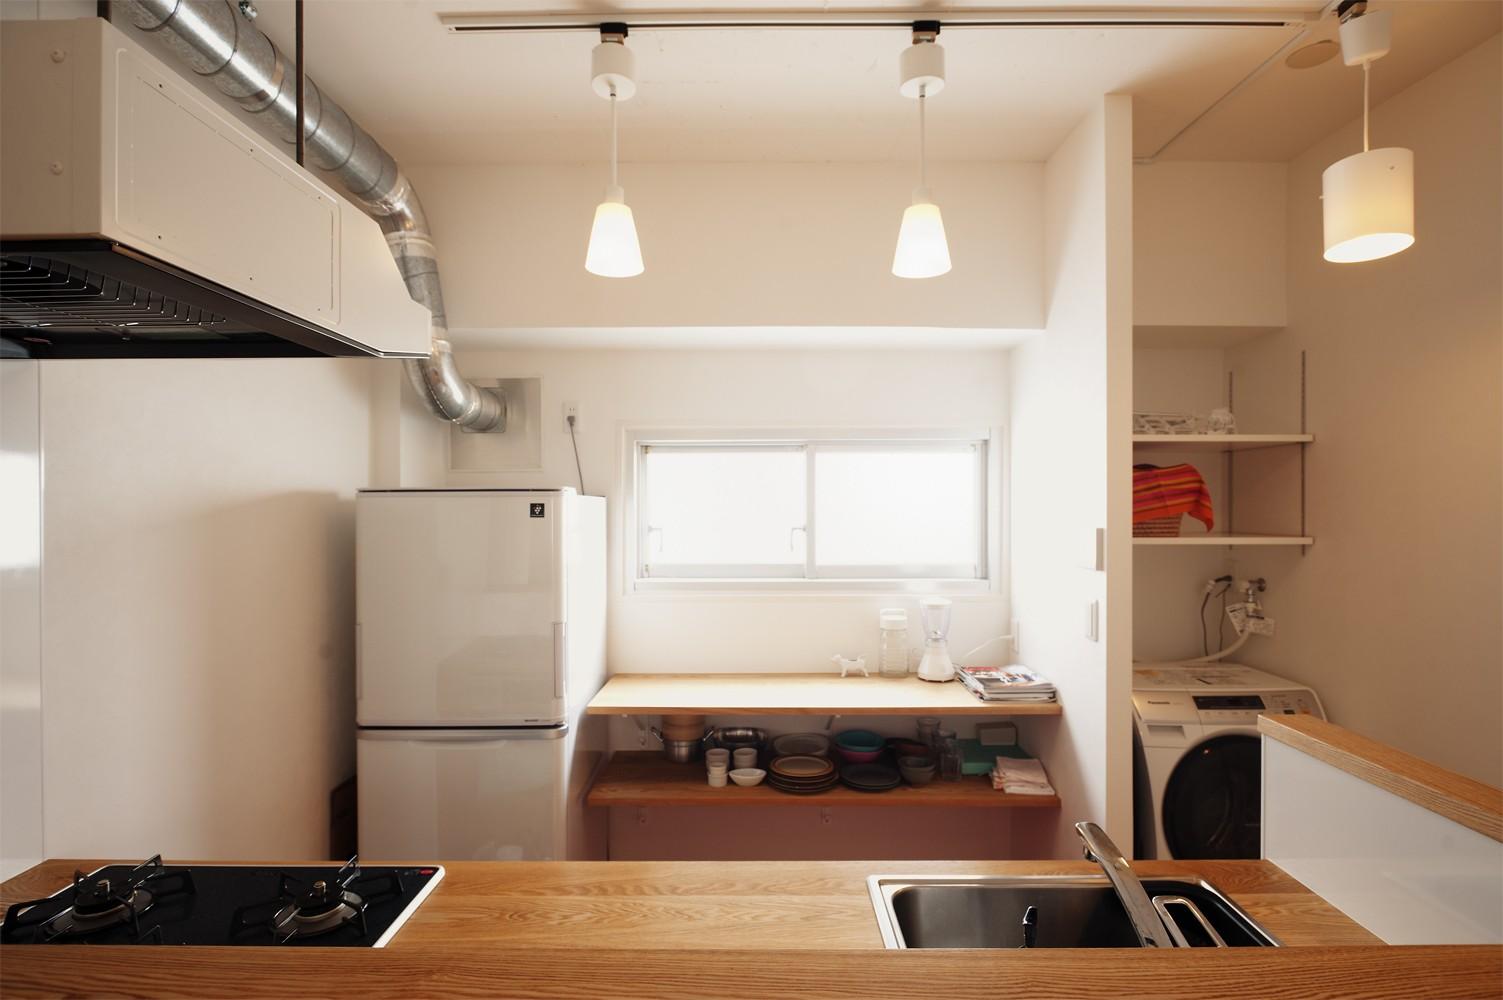 その他事例:造作キッチン(自分らしい自分だけの空間を手に入れる)